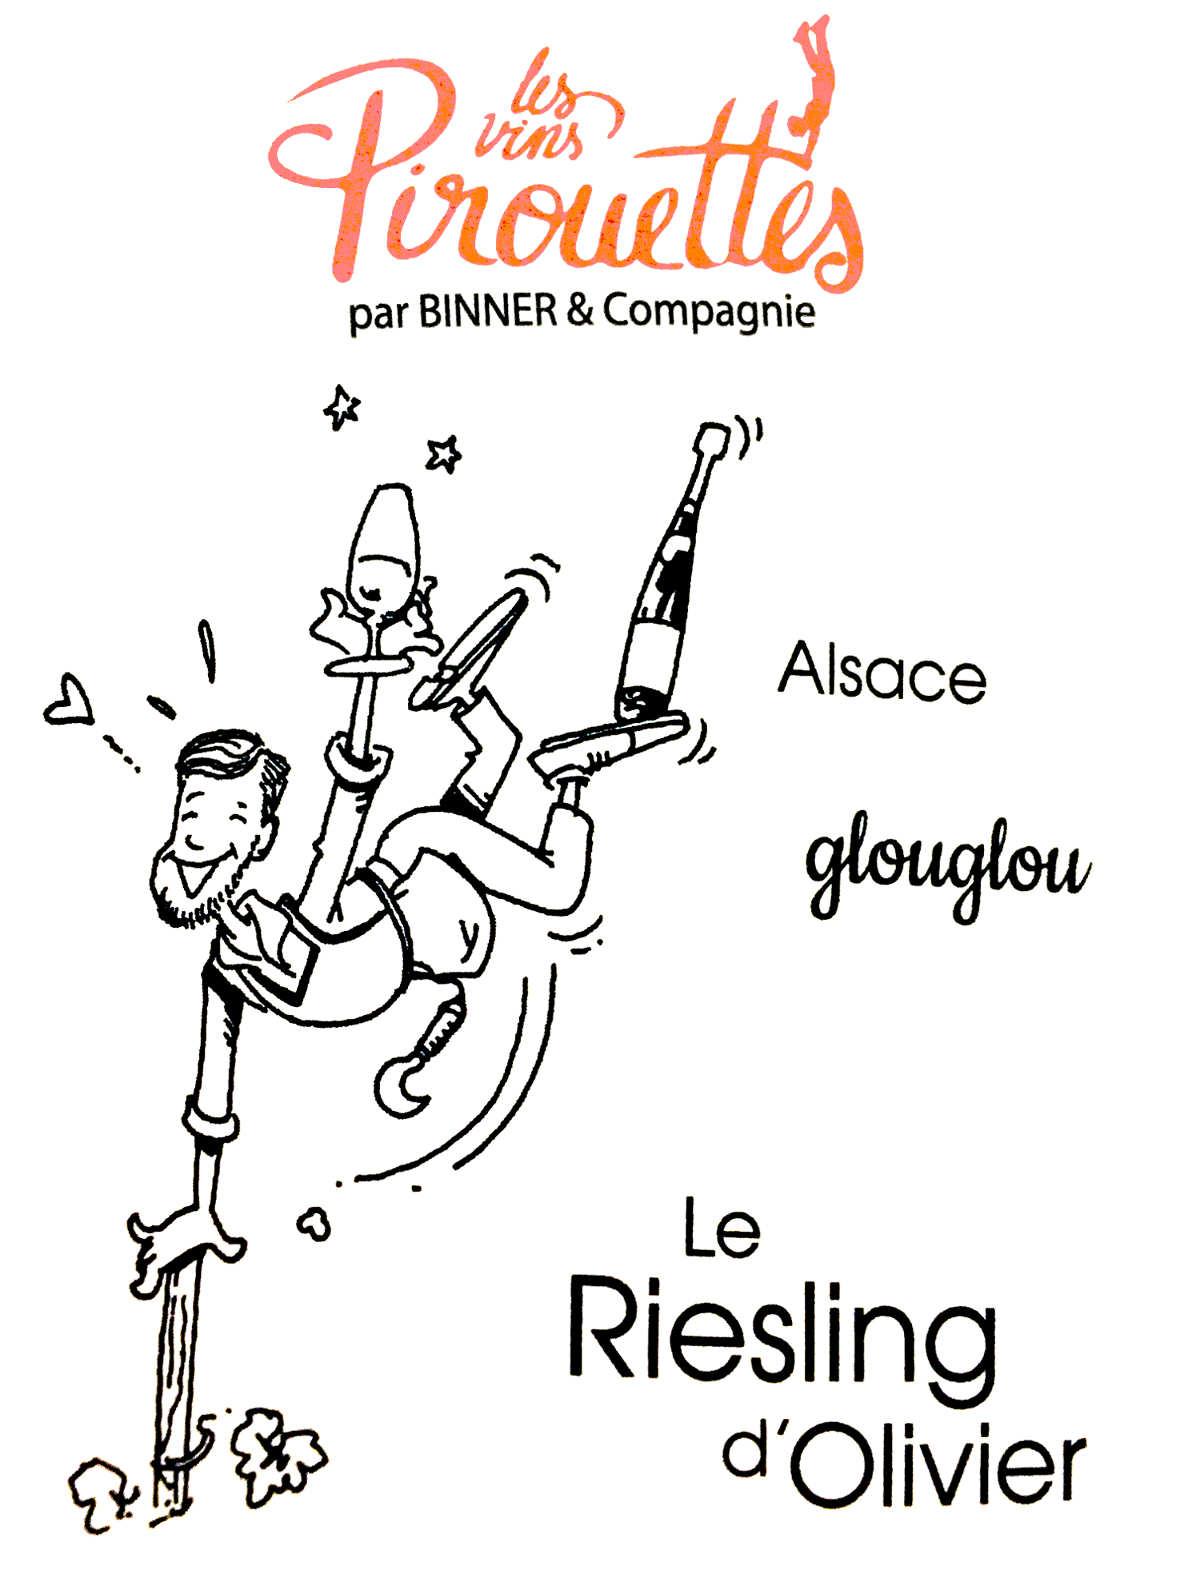 étiquette vins Pirouette Riesling Glouglou